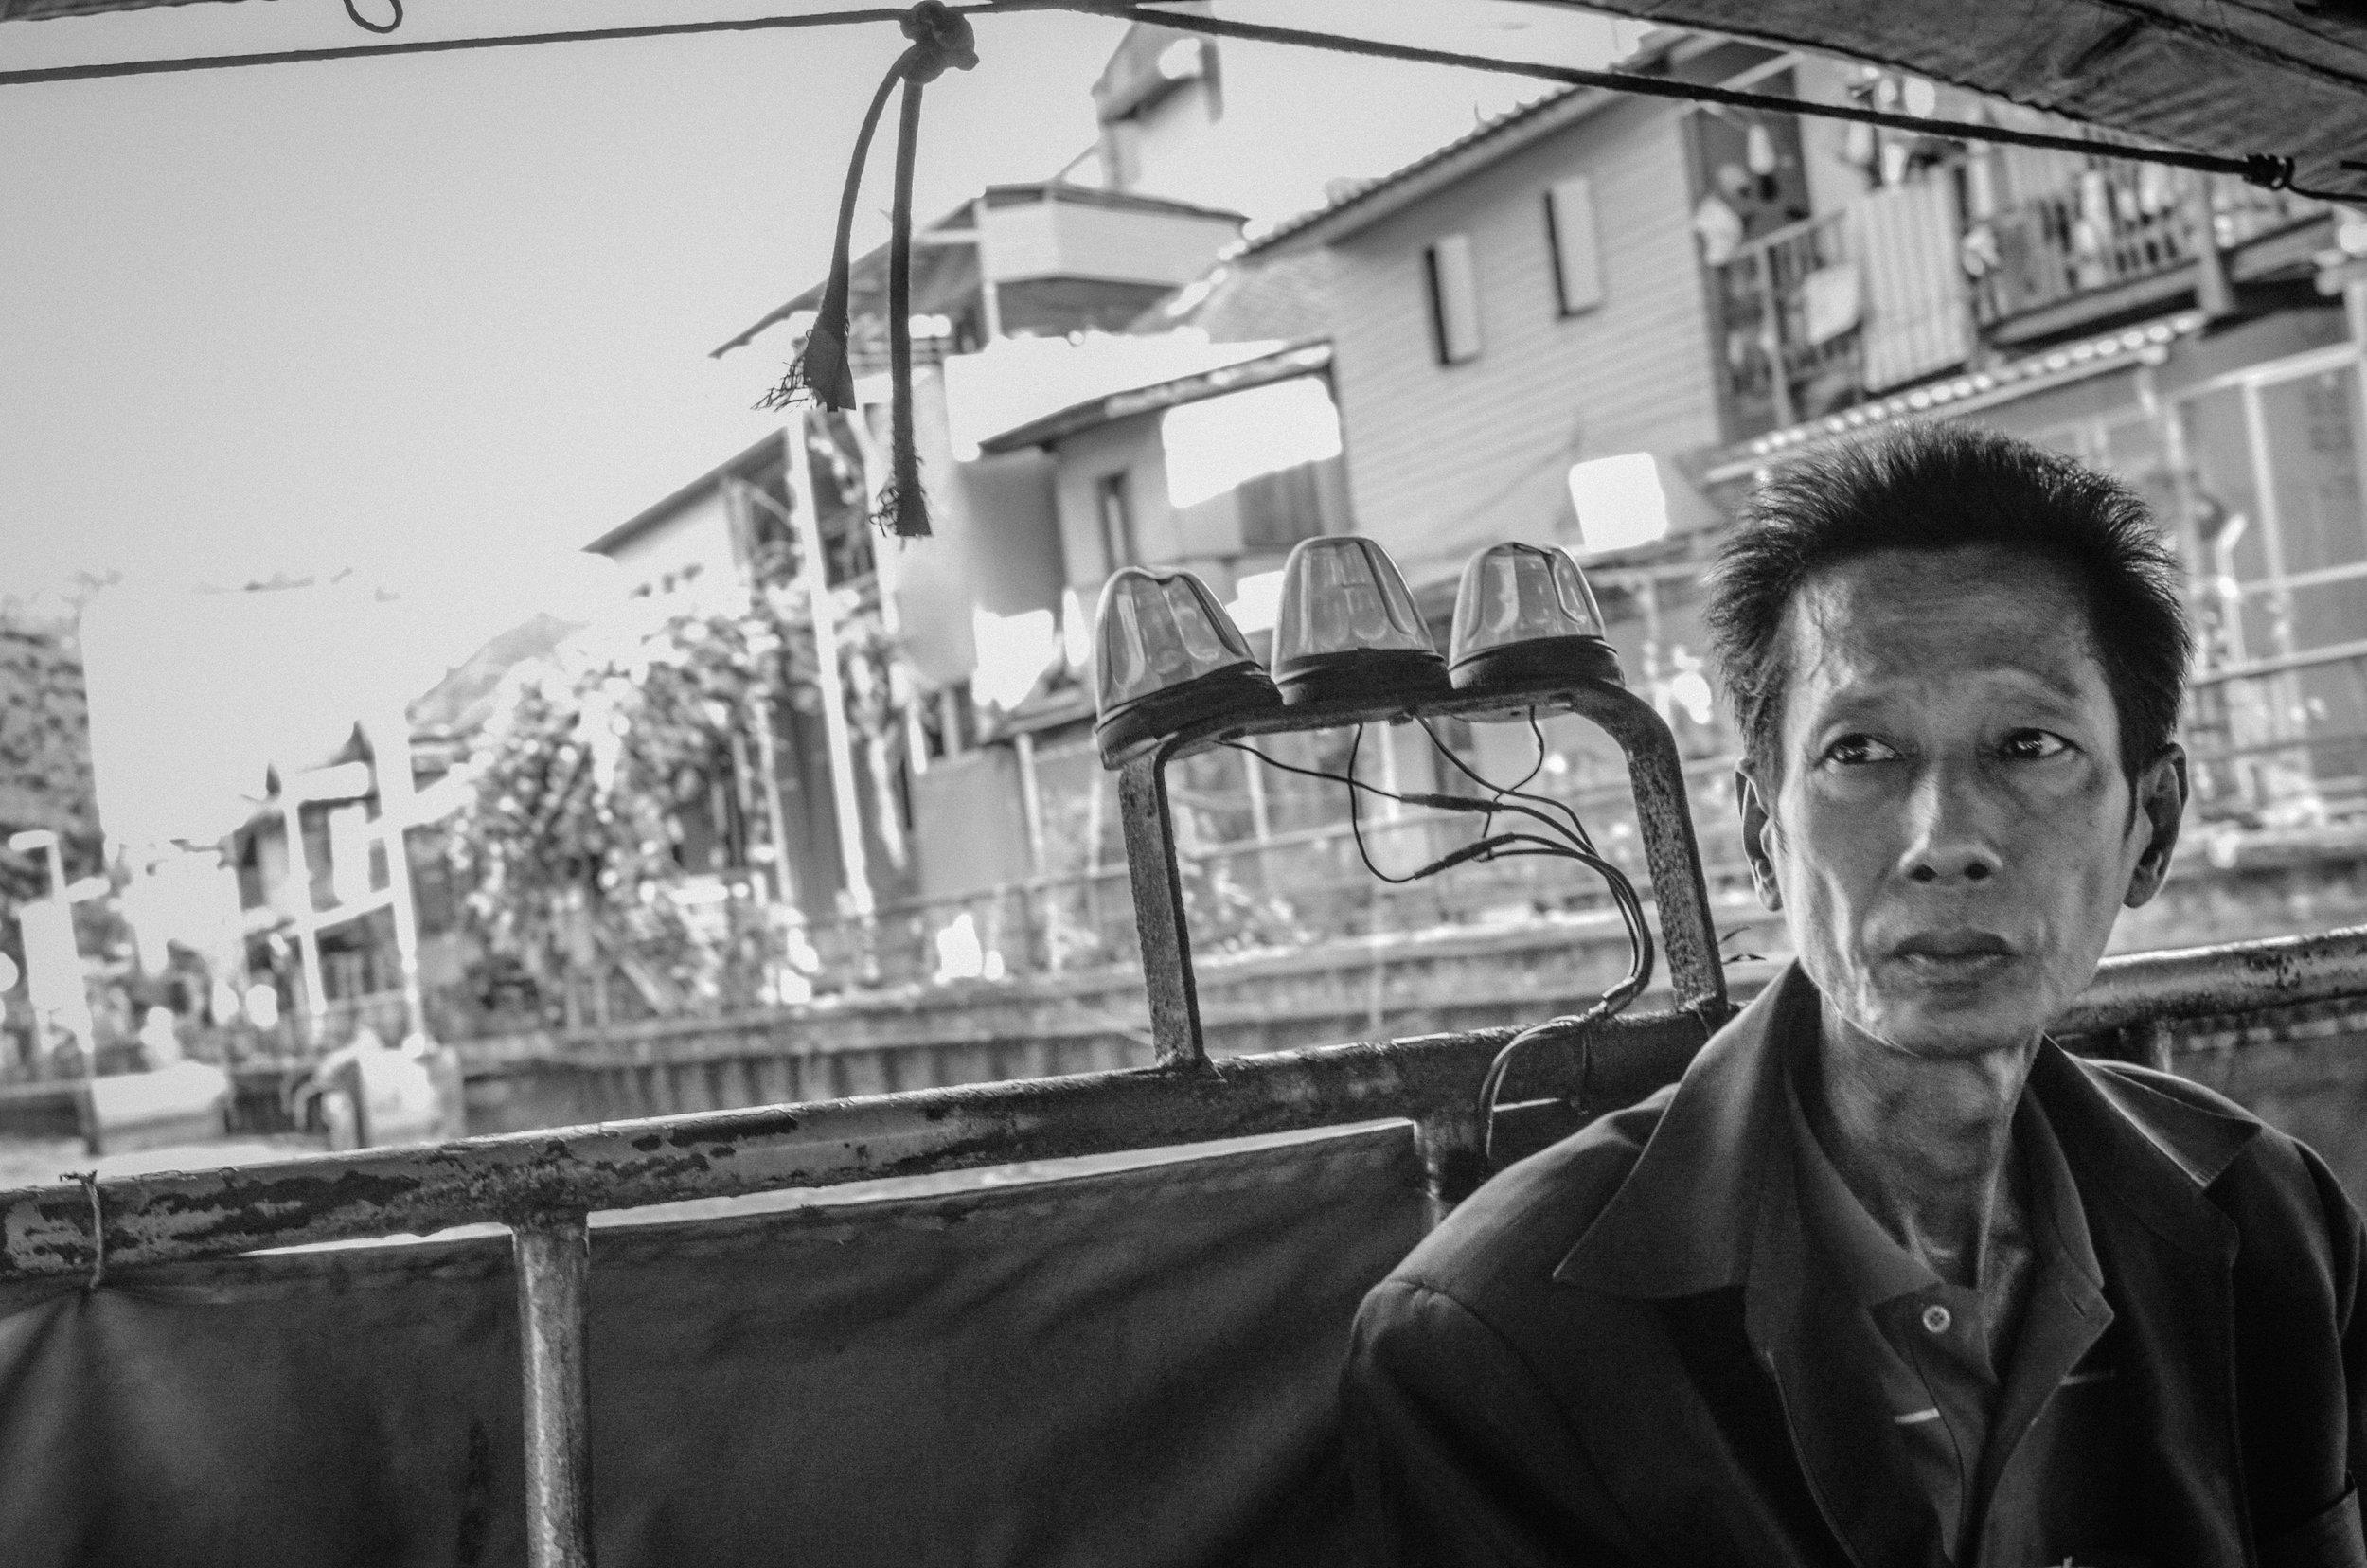 Man in boat, Bangkok, Thailand